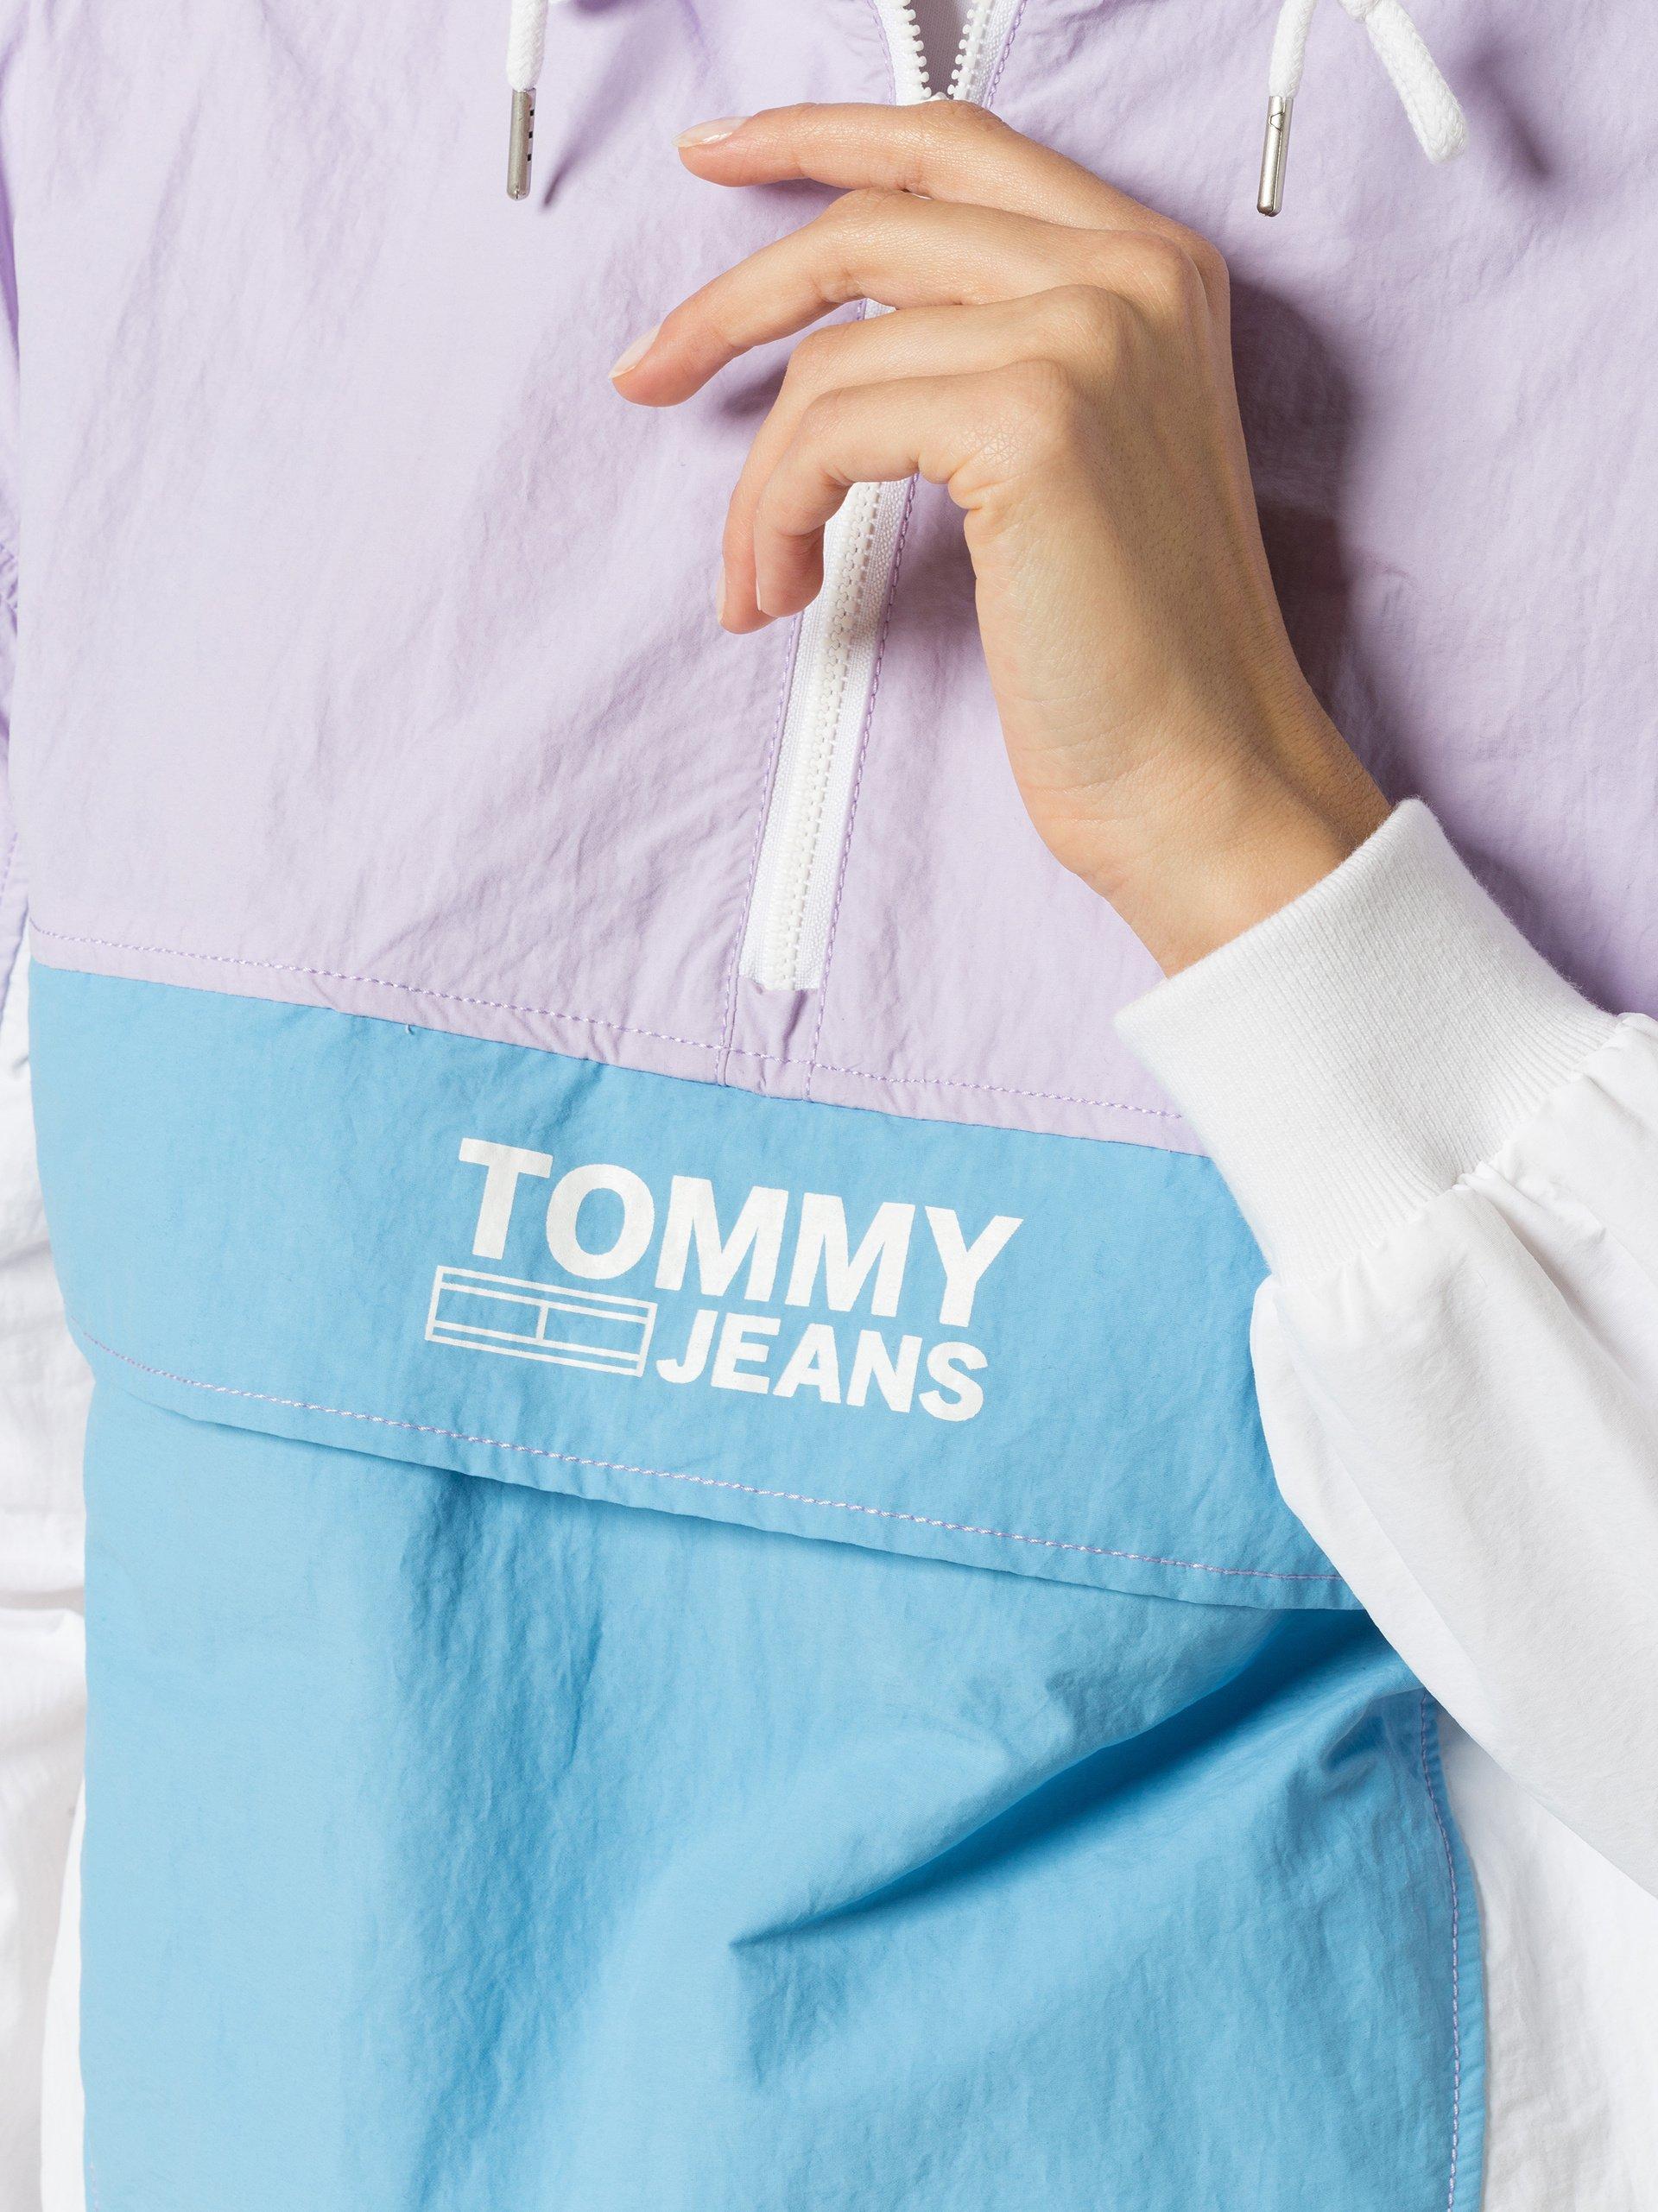 Tommy Jeans Damen Jacke